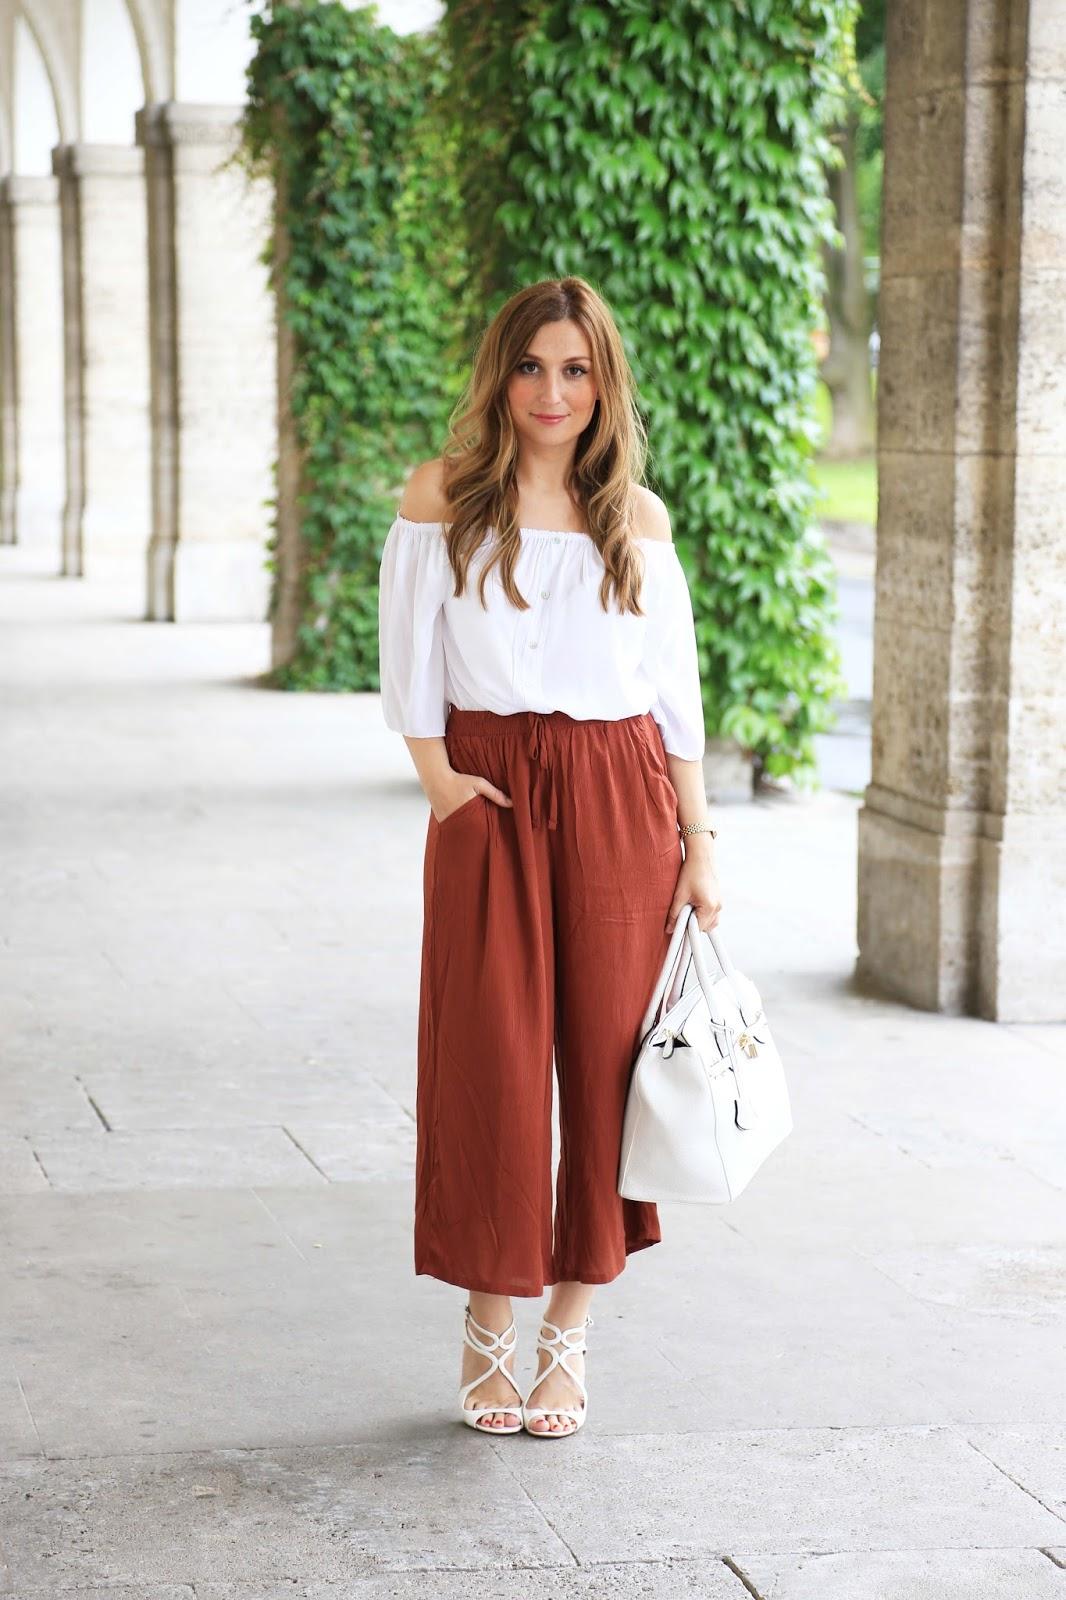 Deutsche Blogger - Deutsche Fashionblogger MyColloseum Blogger - Angesagte Trends 2016 - Was tragen Blogger aktuell - Off Shoulder Top kombinieren - Weiße Schuhe kombinieren